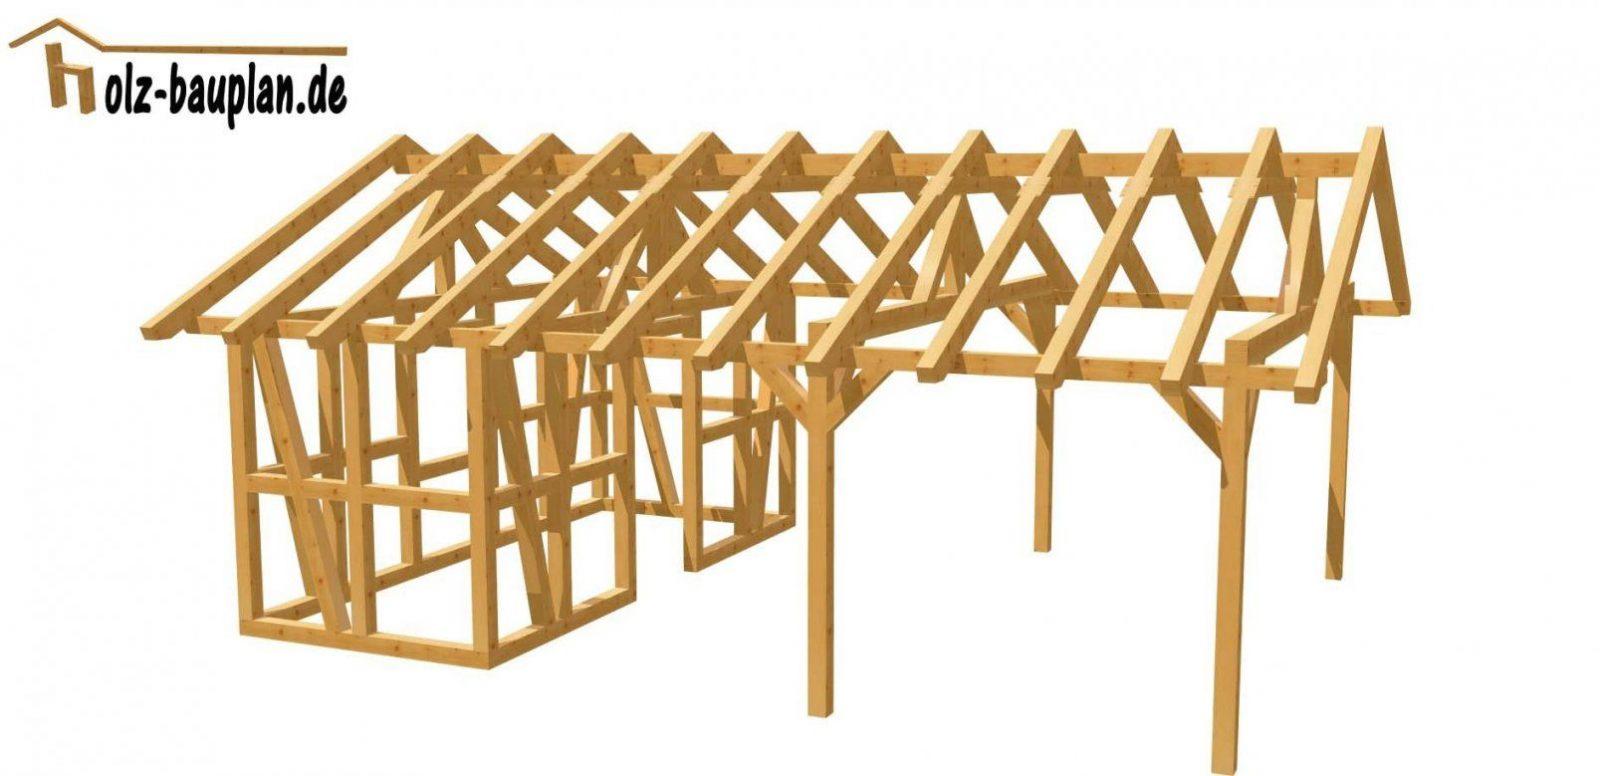 Carport Holz Selber Bauen Fe59 – Hitoiro von Carport Selber Bauen Architektur Allgemein Bild